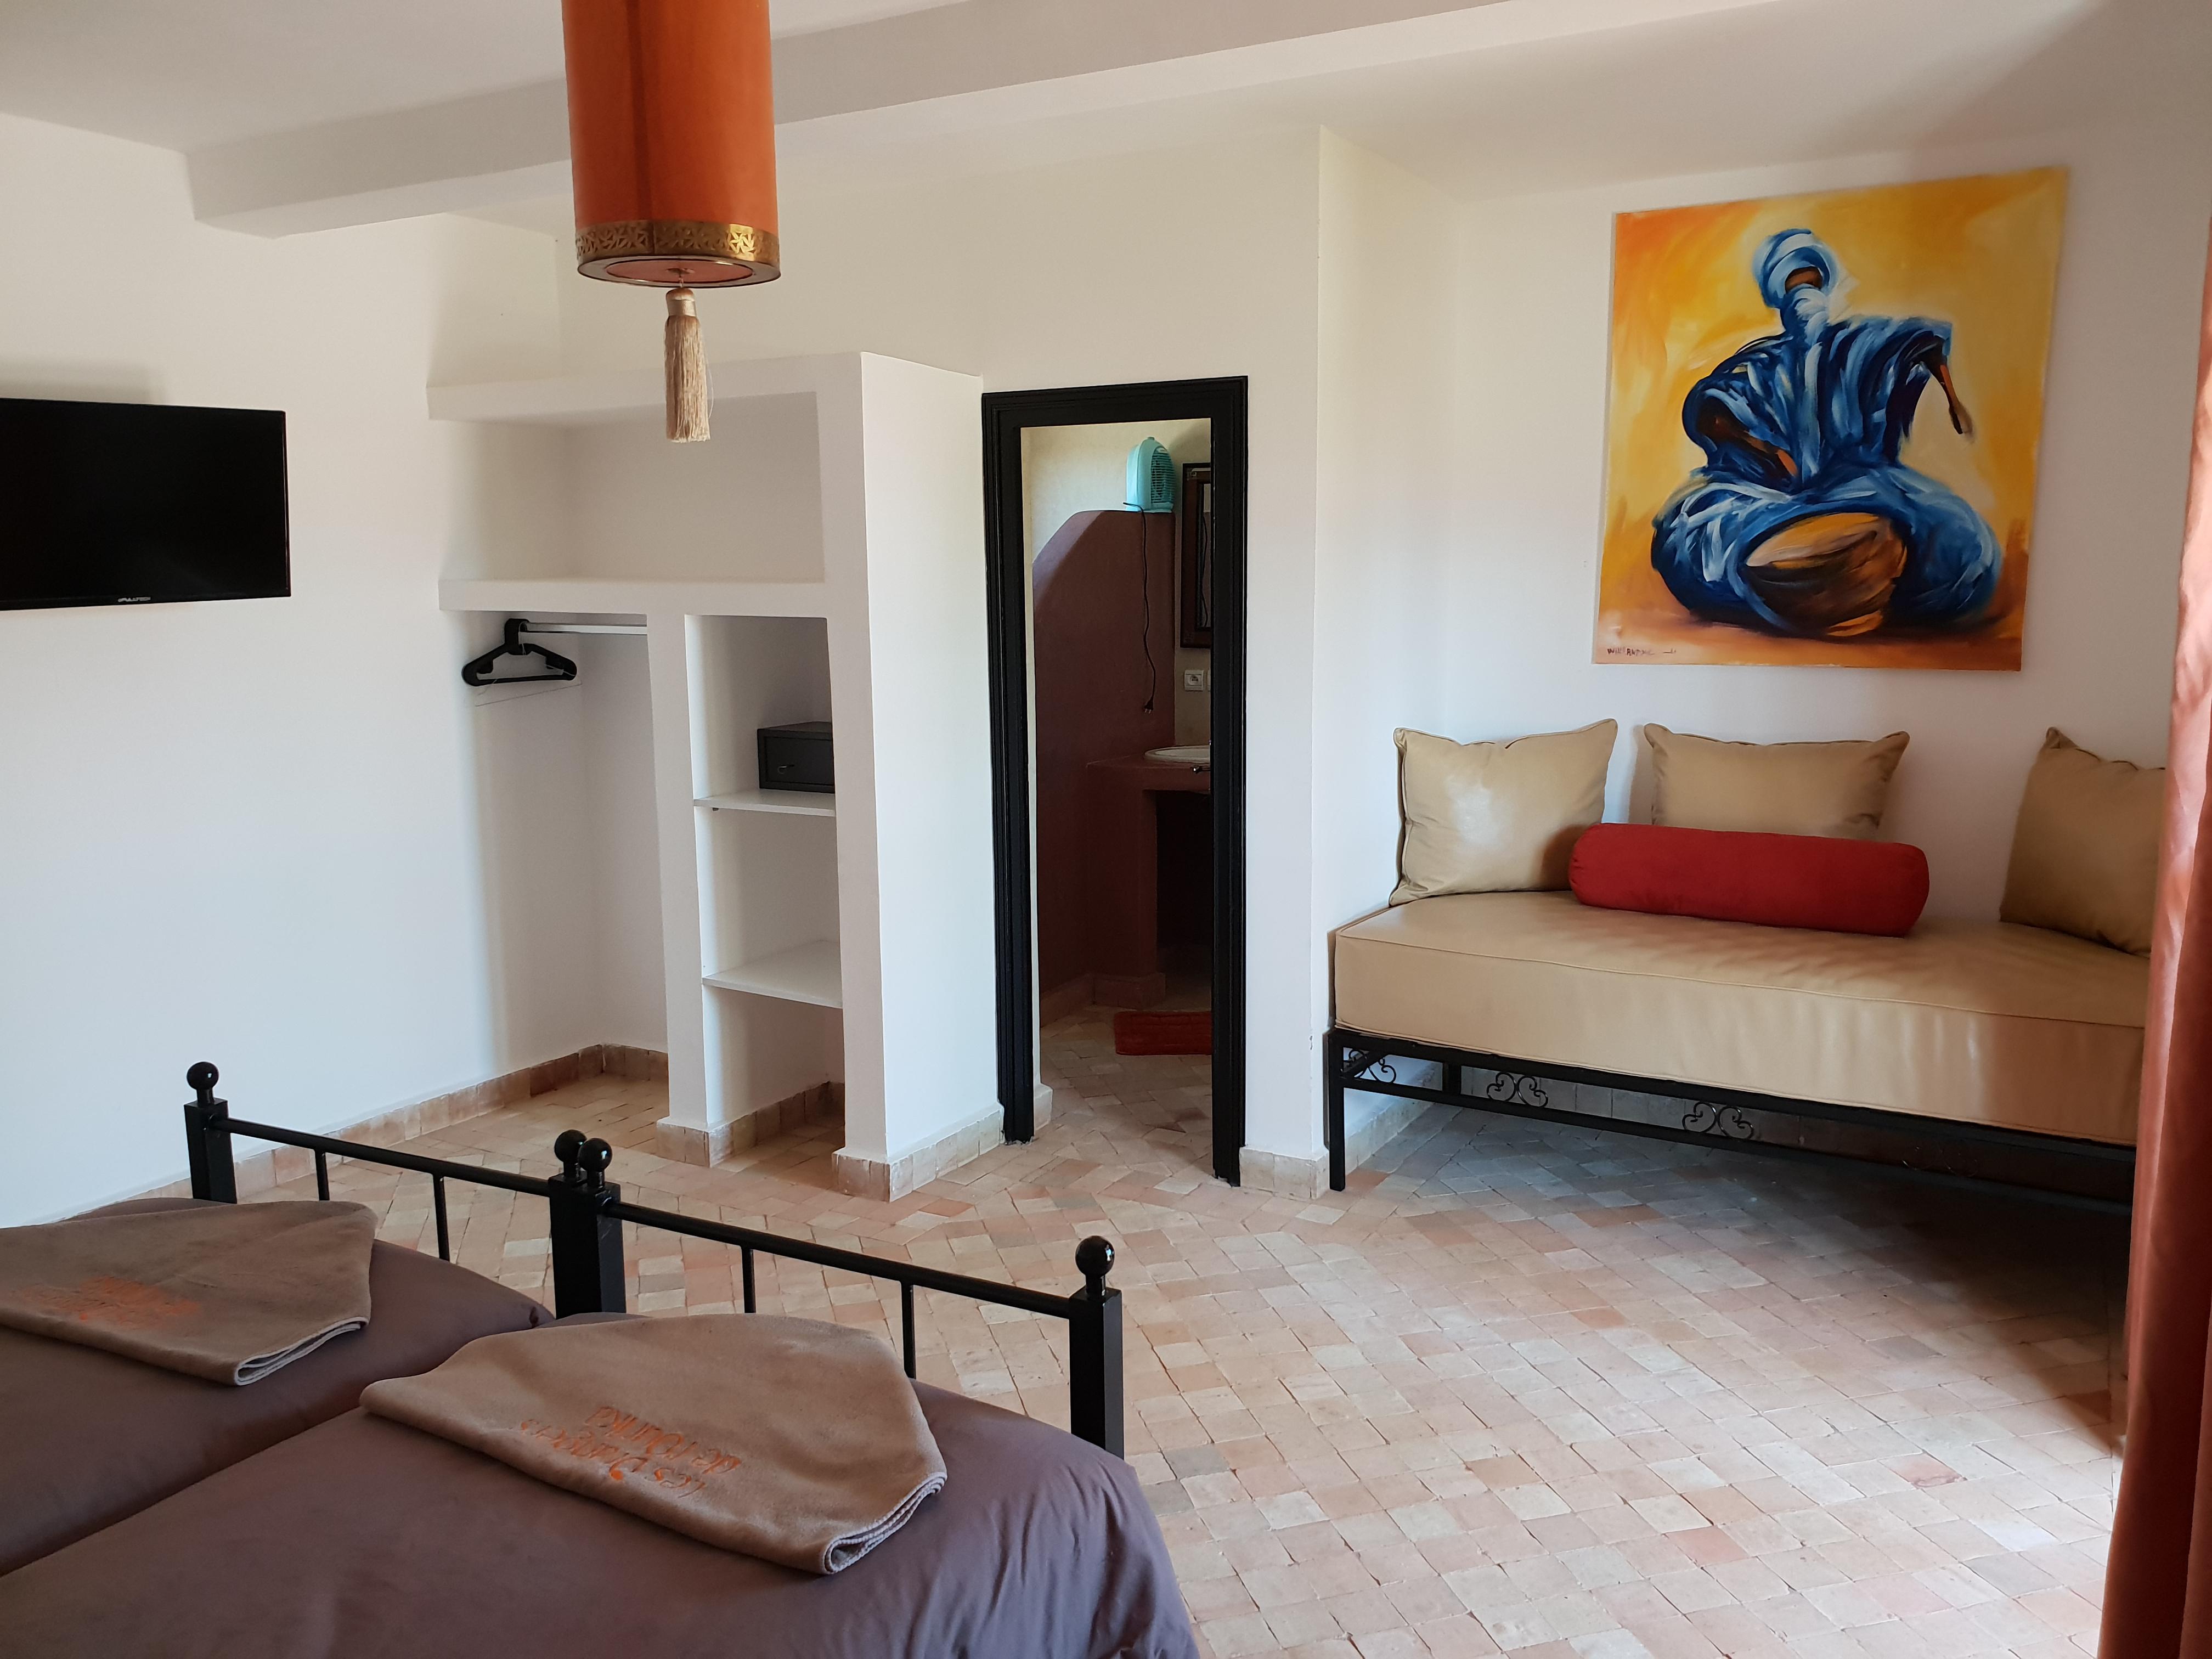 Tele Salle De Bain bungalow classique – les orangers de l'ourika